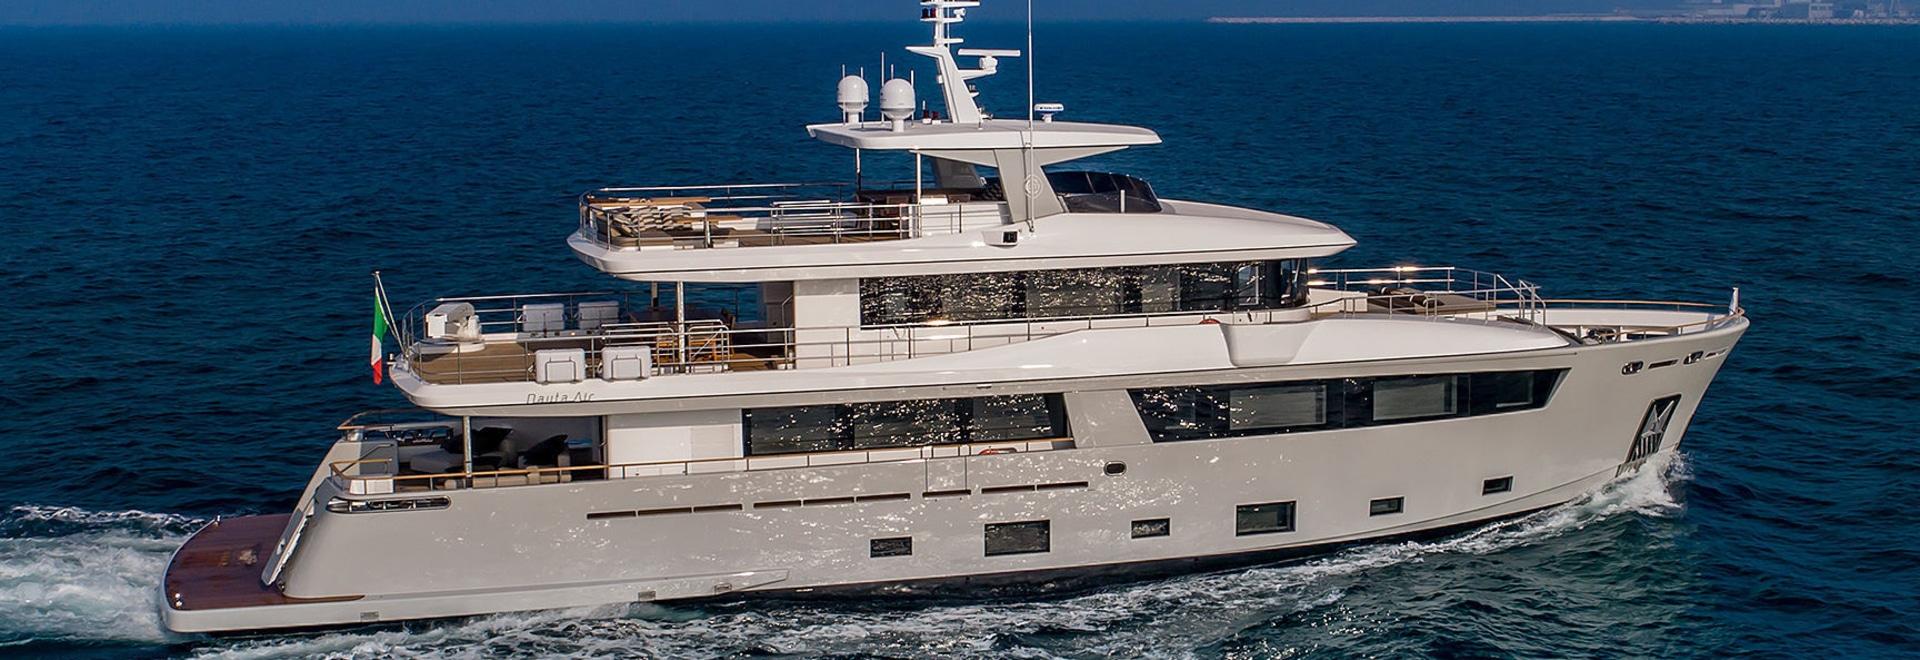 Erster Blick: An Bord der 33m Mimi La Sardine, wie sie für Charter sich vorbereitet